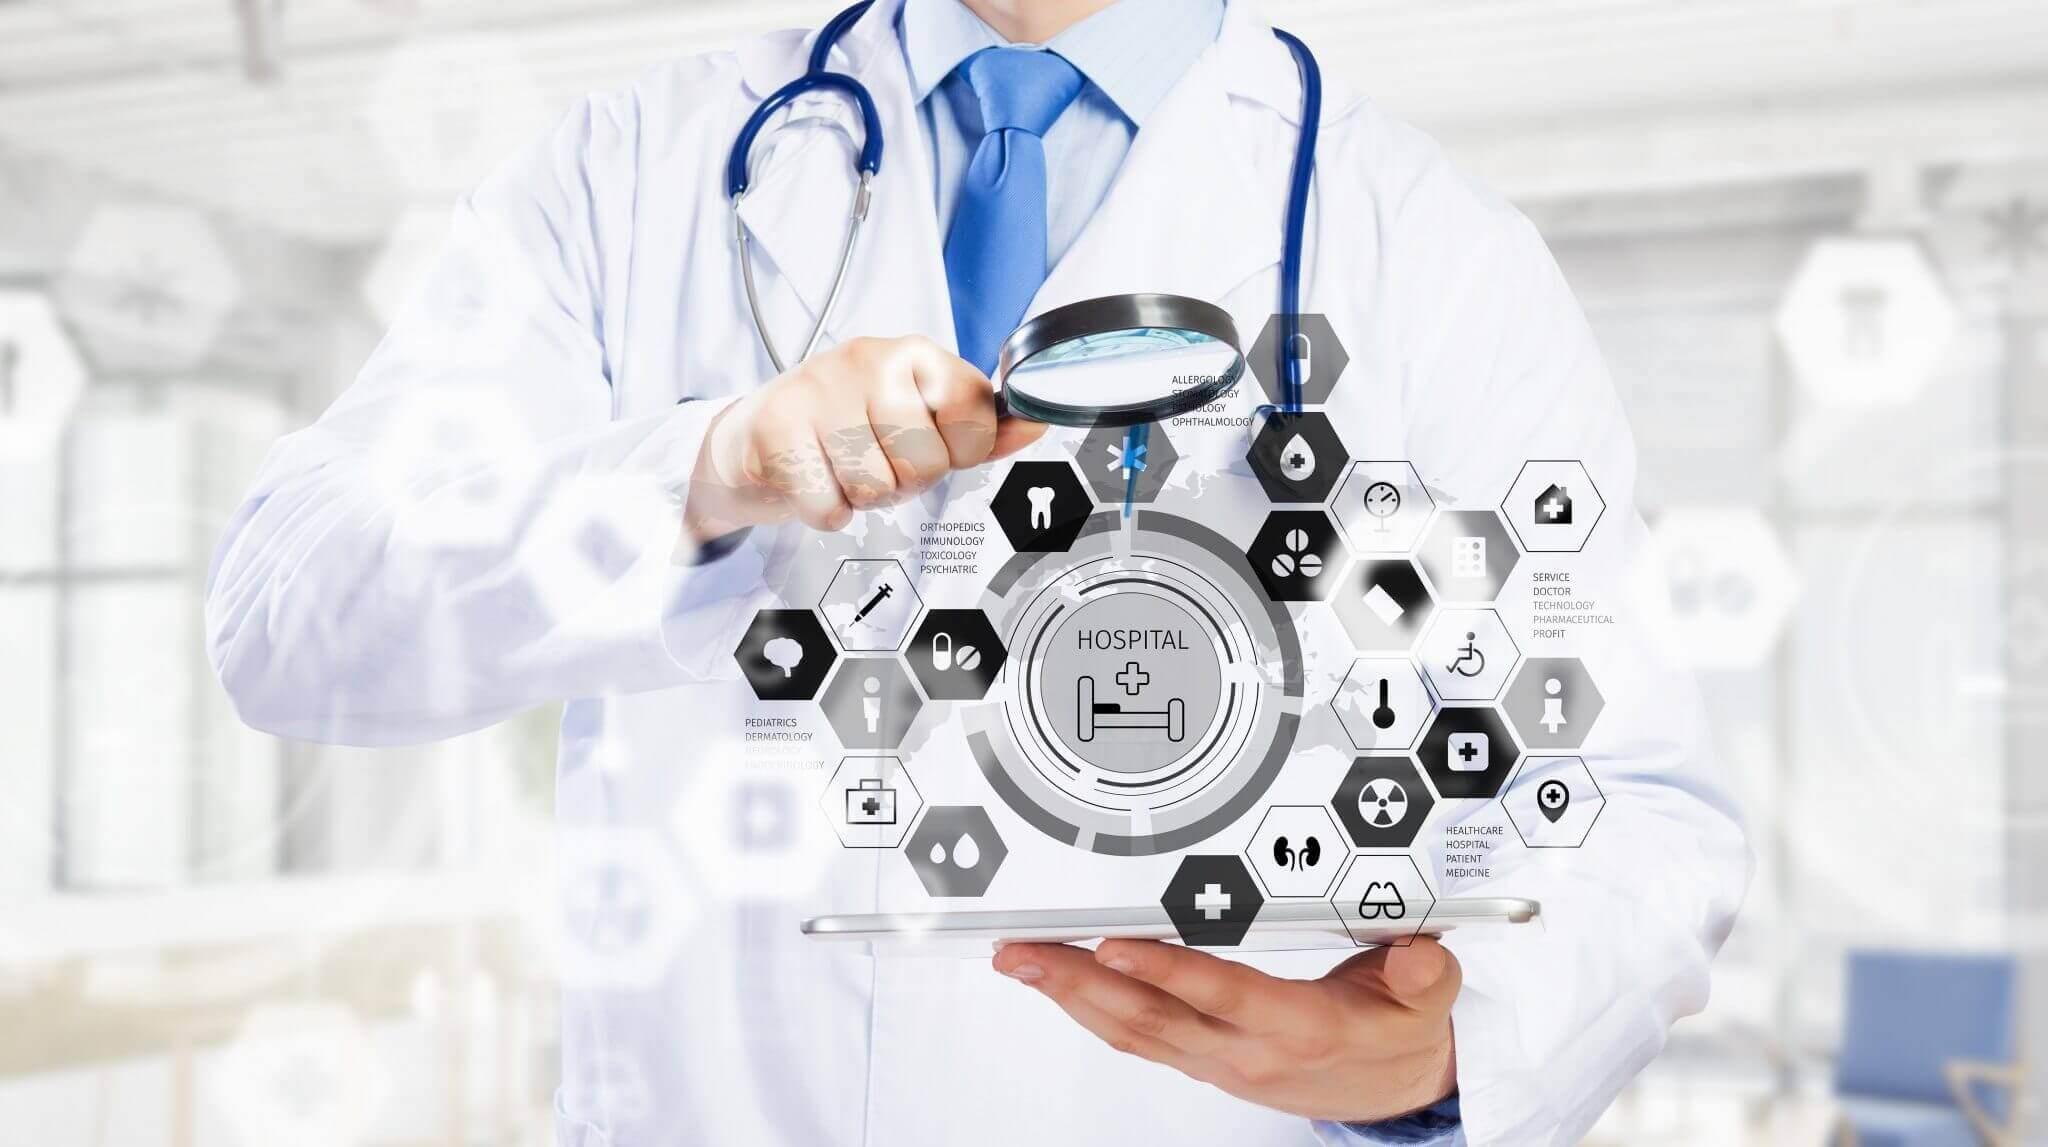 Kooperation zwischen Bing UK und National Health Service